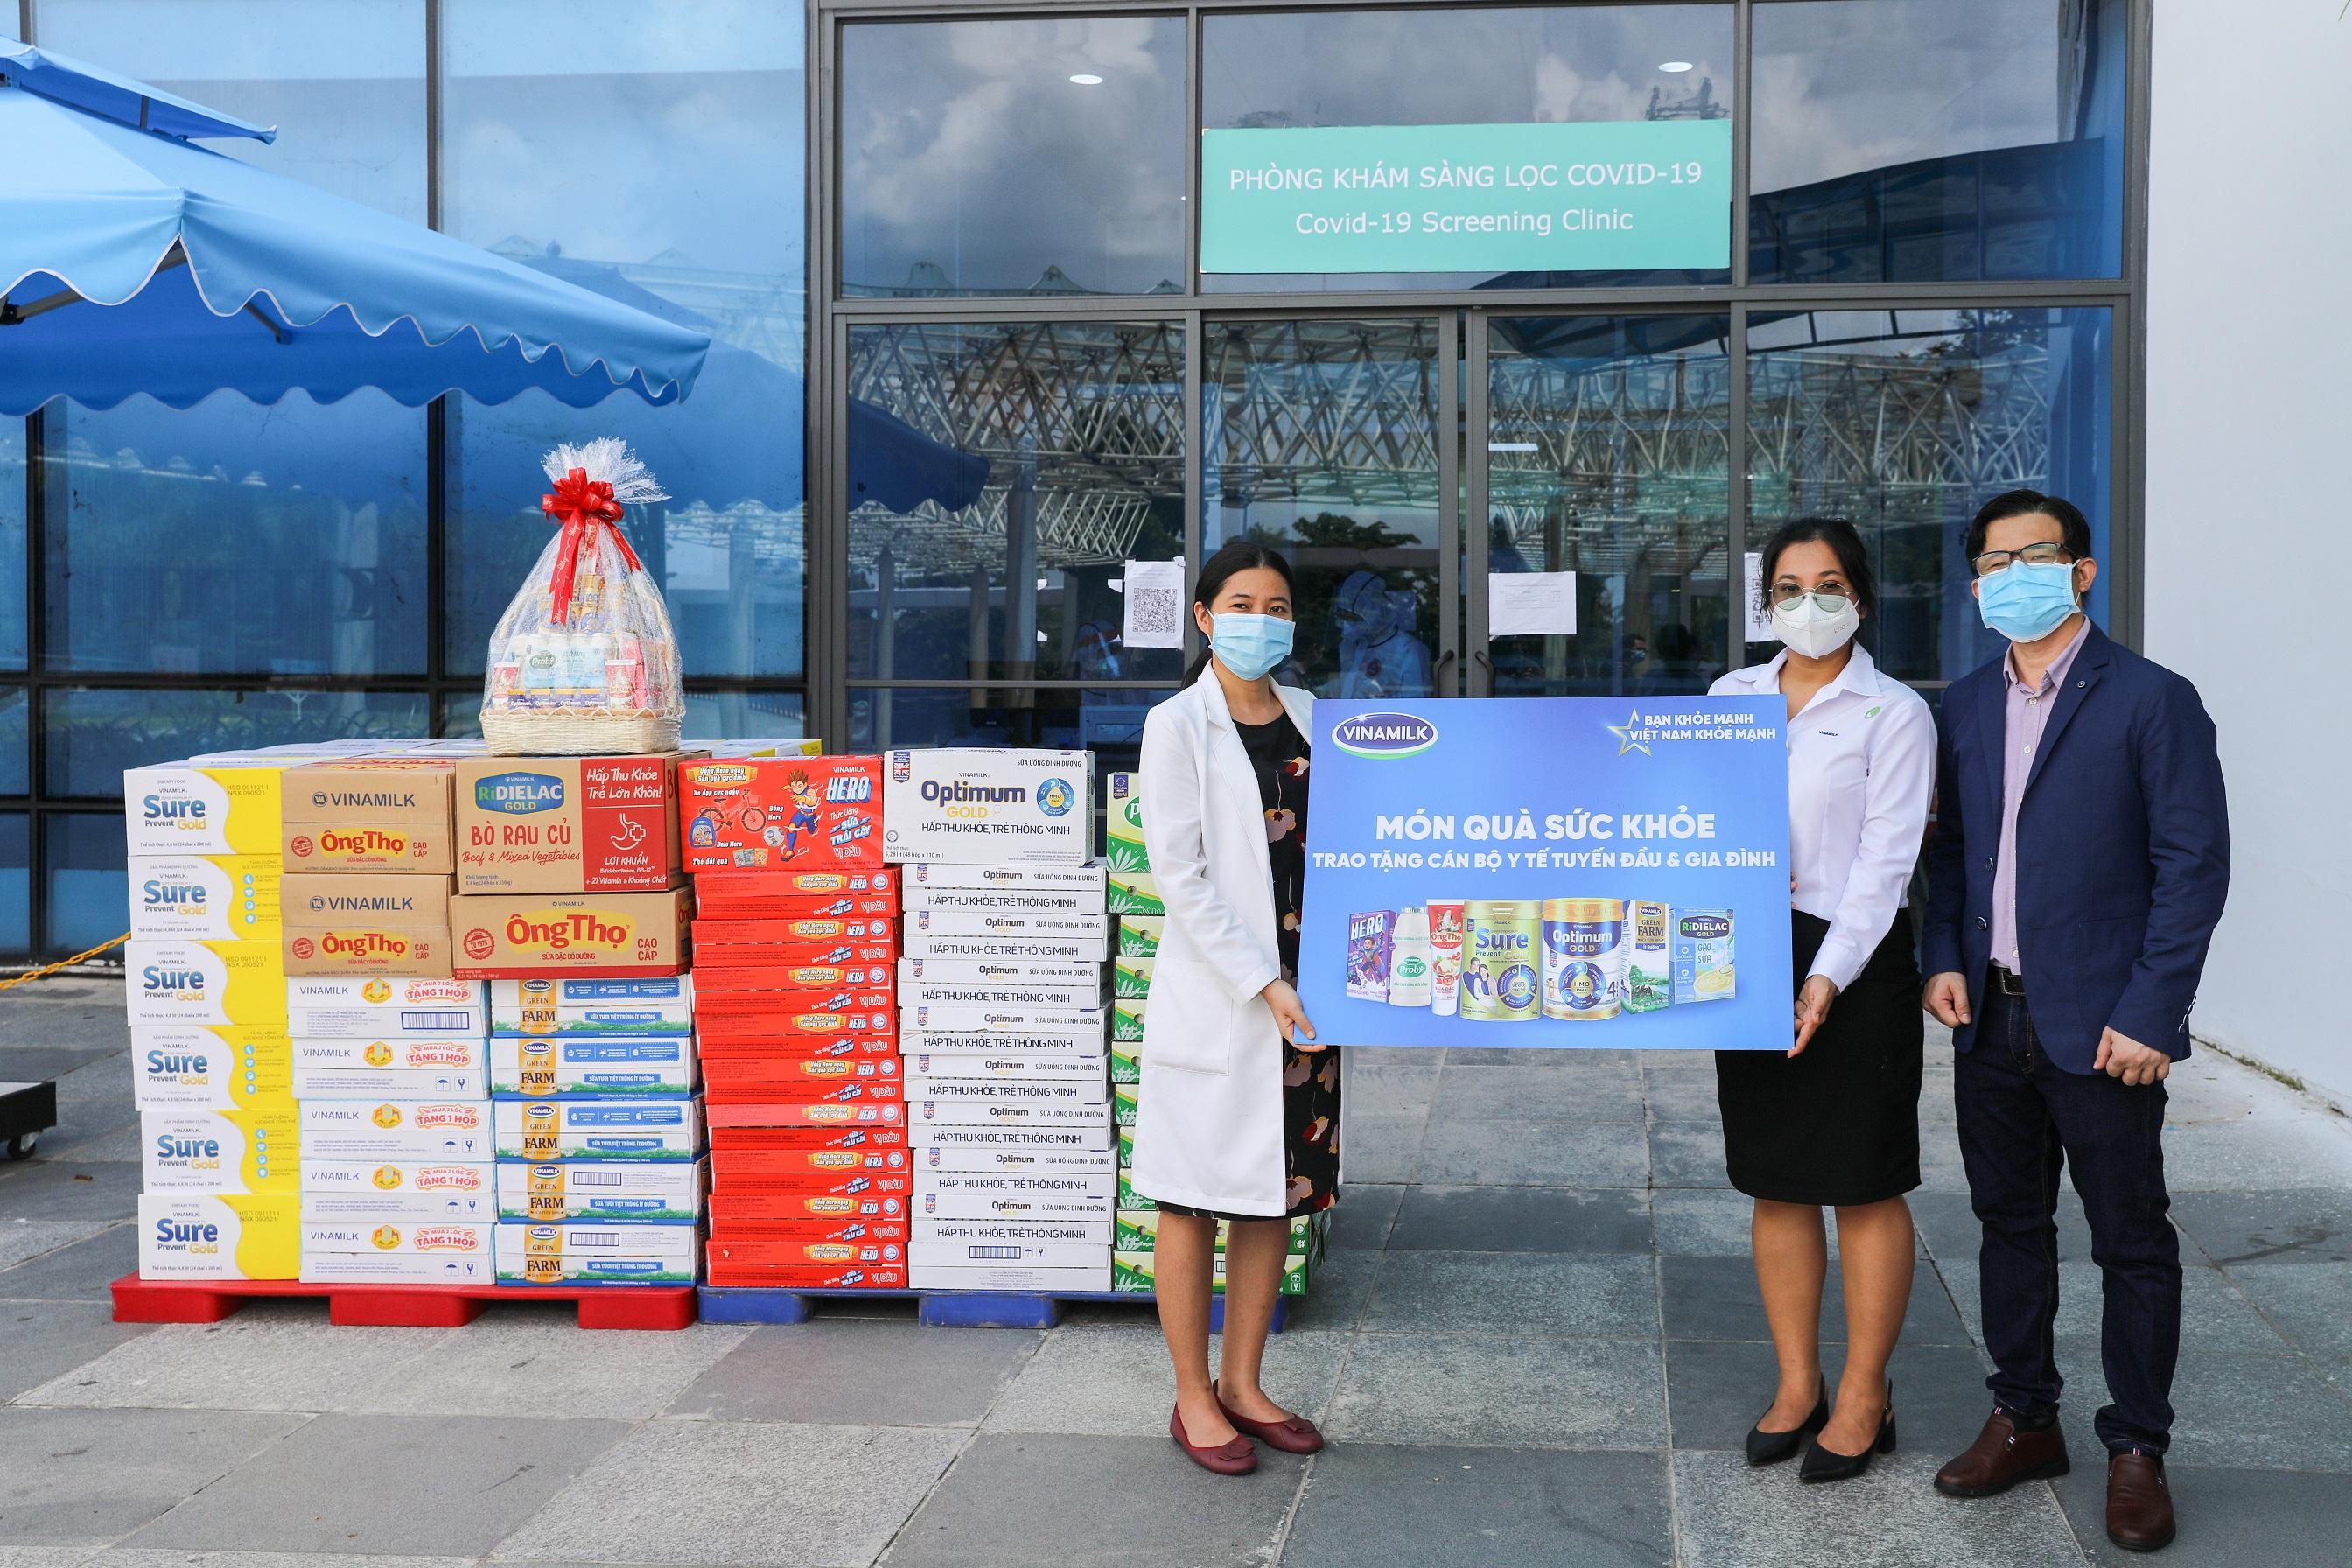 Hàng ngàn món quà dinh dưỡng từ Vinamilk gửi tặng đến các y bác sĩ, người thân trong ngày gia đình Việt Nam 2